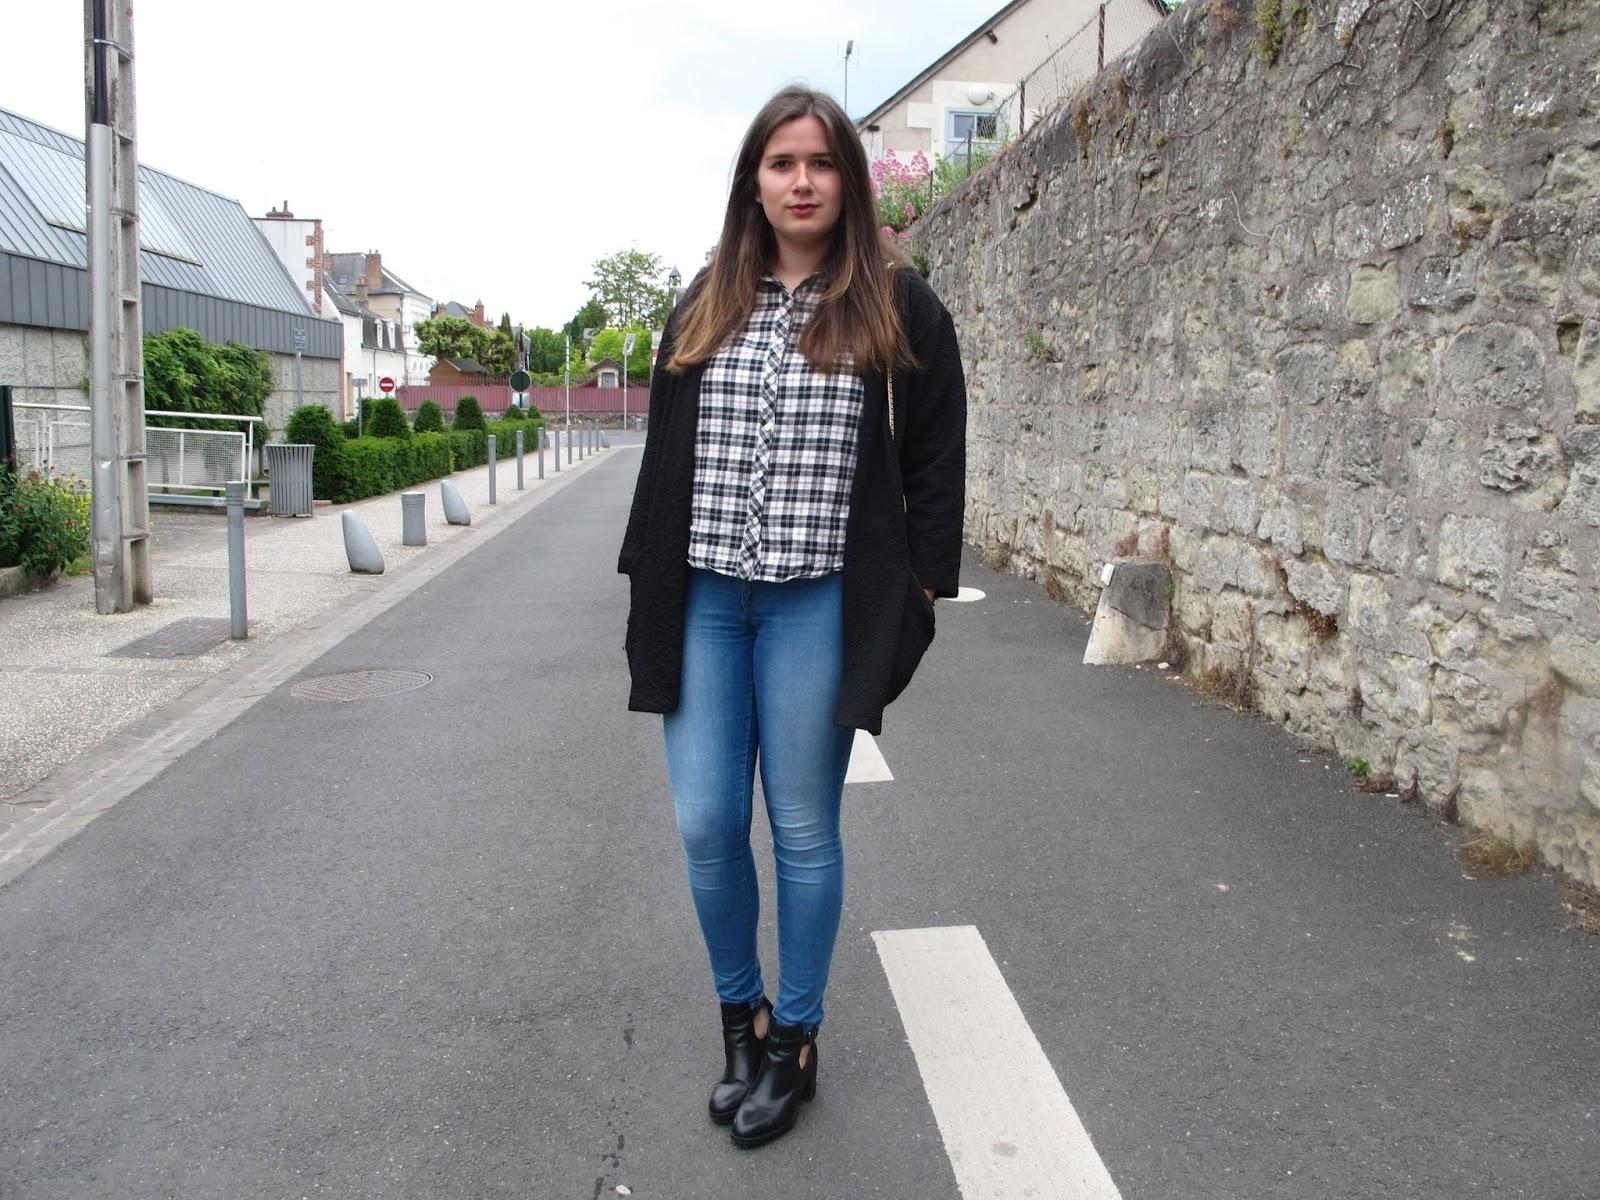 Et Noires Chaussures Jean Noires Jean Chaussures Noires Et Et Chaussures kiOZPXu